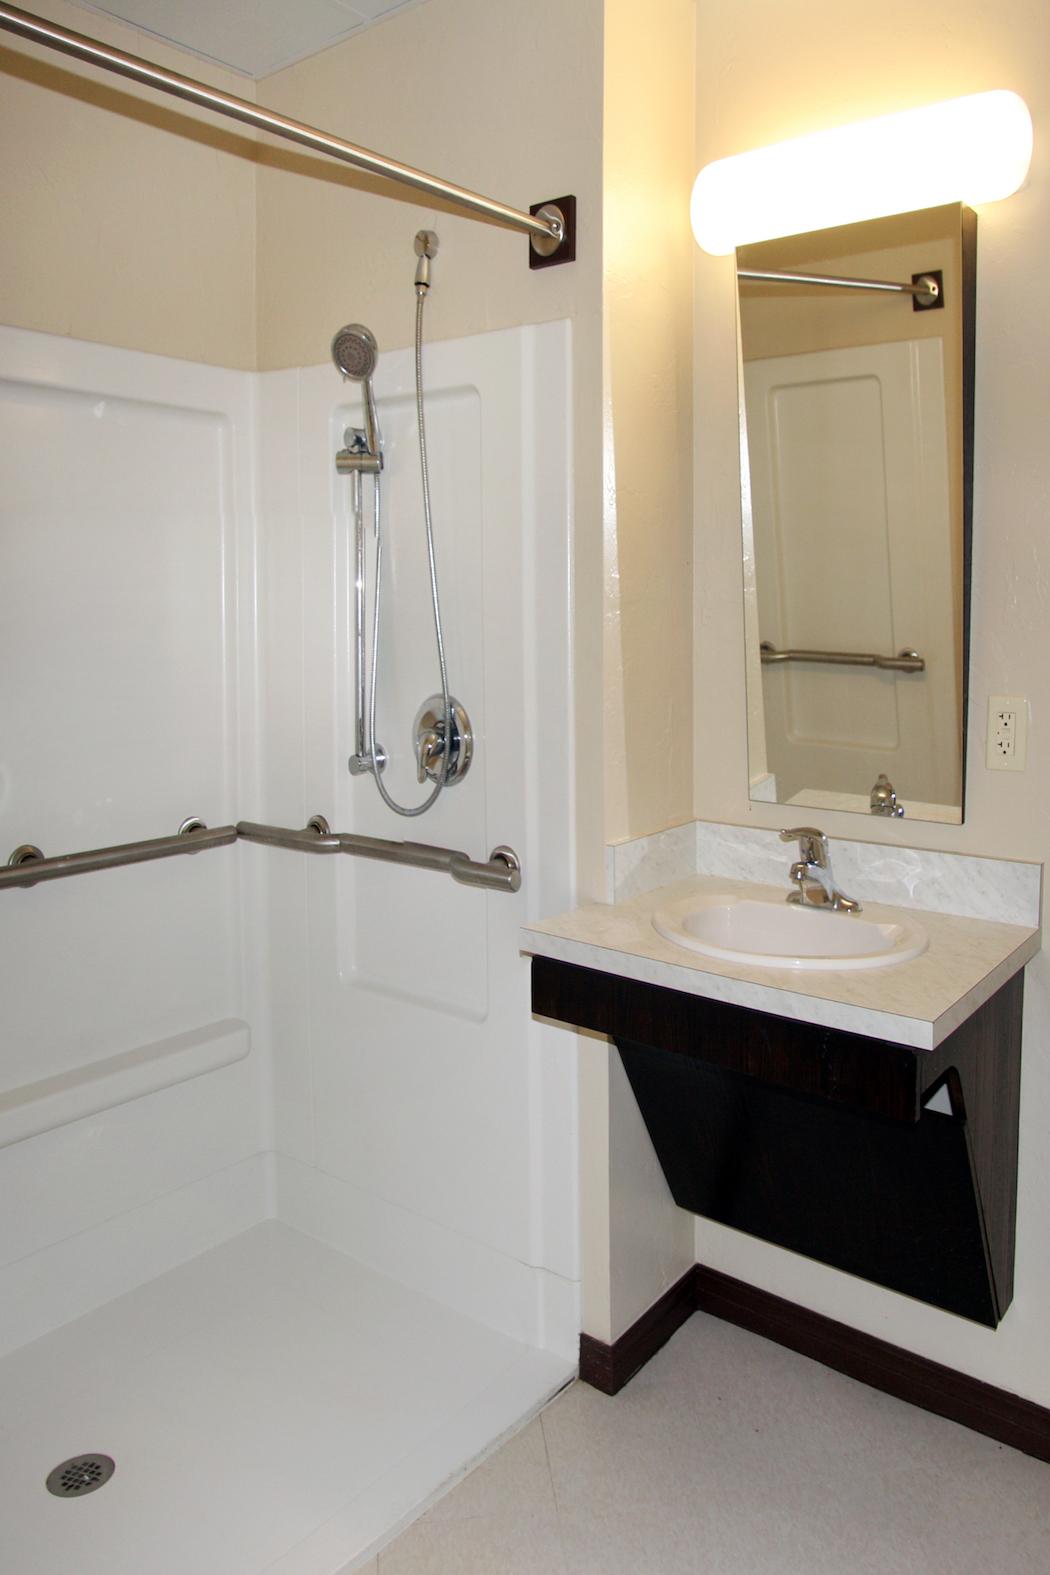 Chickasha Hotel_restroom_01 copy.jpg